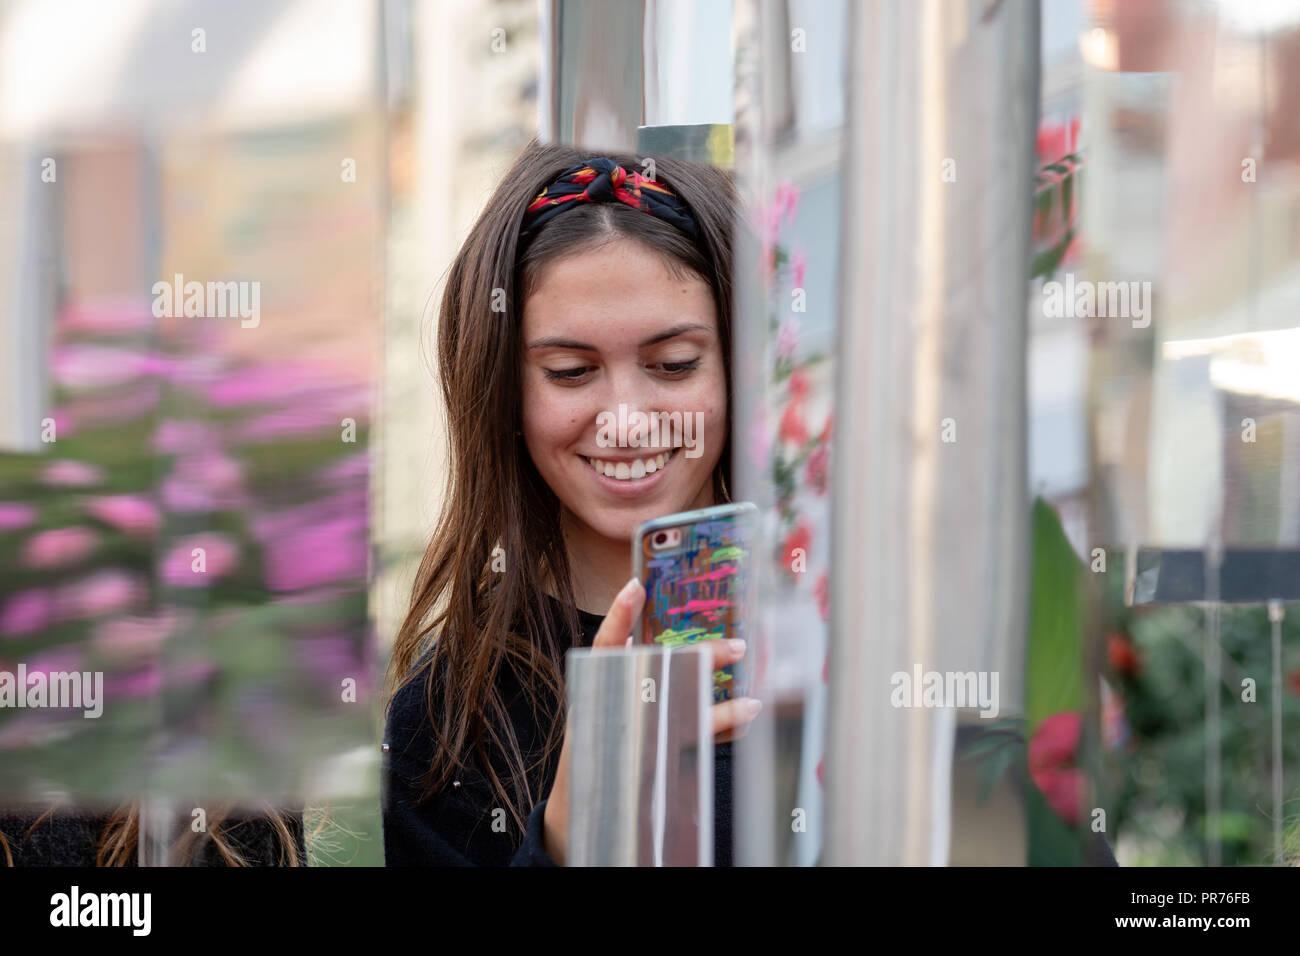 RIGA, LETONIA - 14 de septiembre de 2018: Una joven mira teléfono simplemente fotografiado imágenes. Imagen De Stock